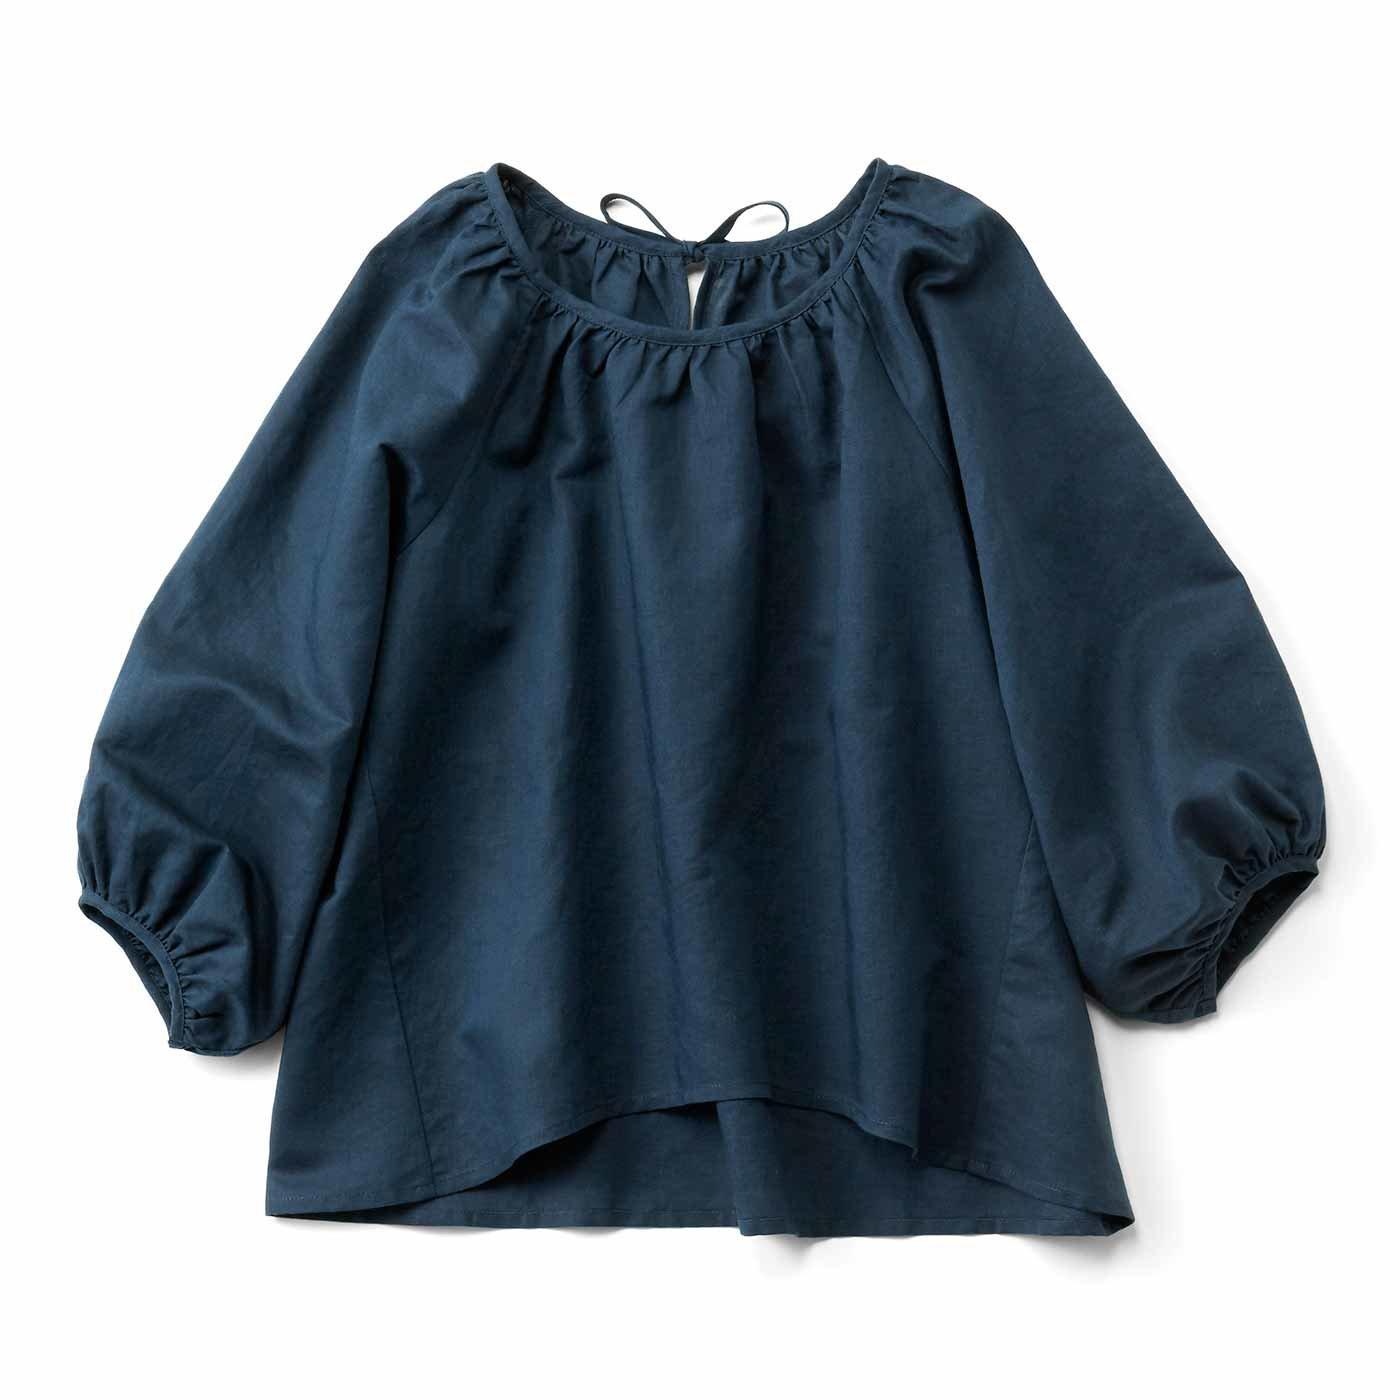 ぷわんと袖がかわいい 麻混プルオーバートップス〈ネイビー〉